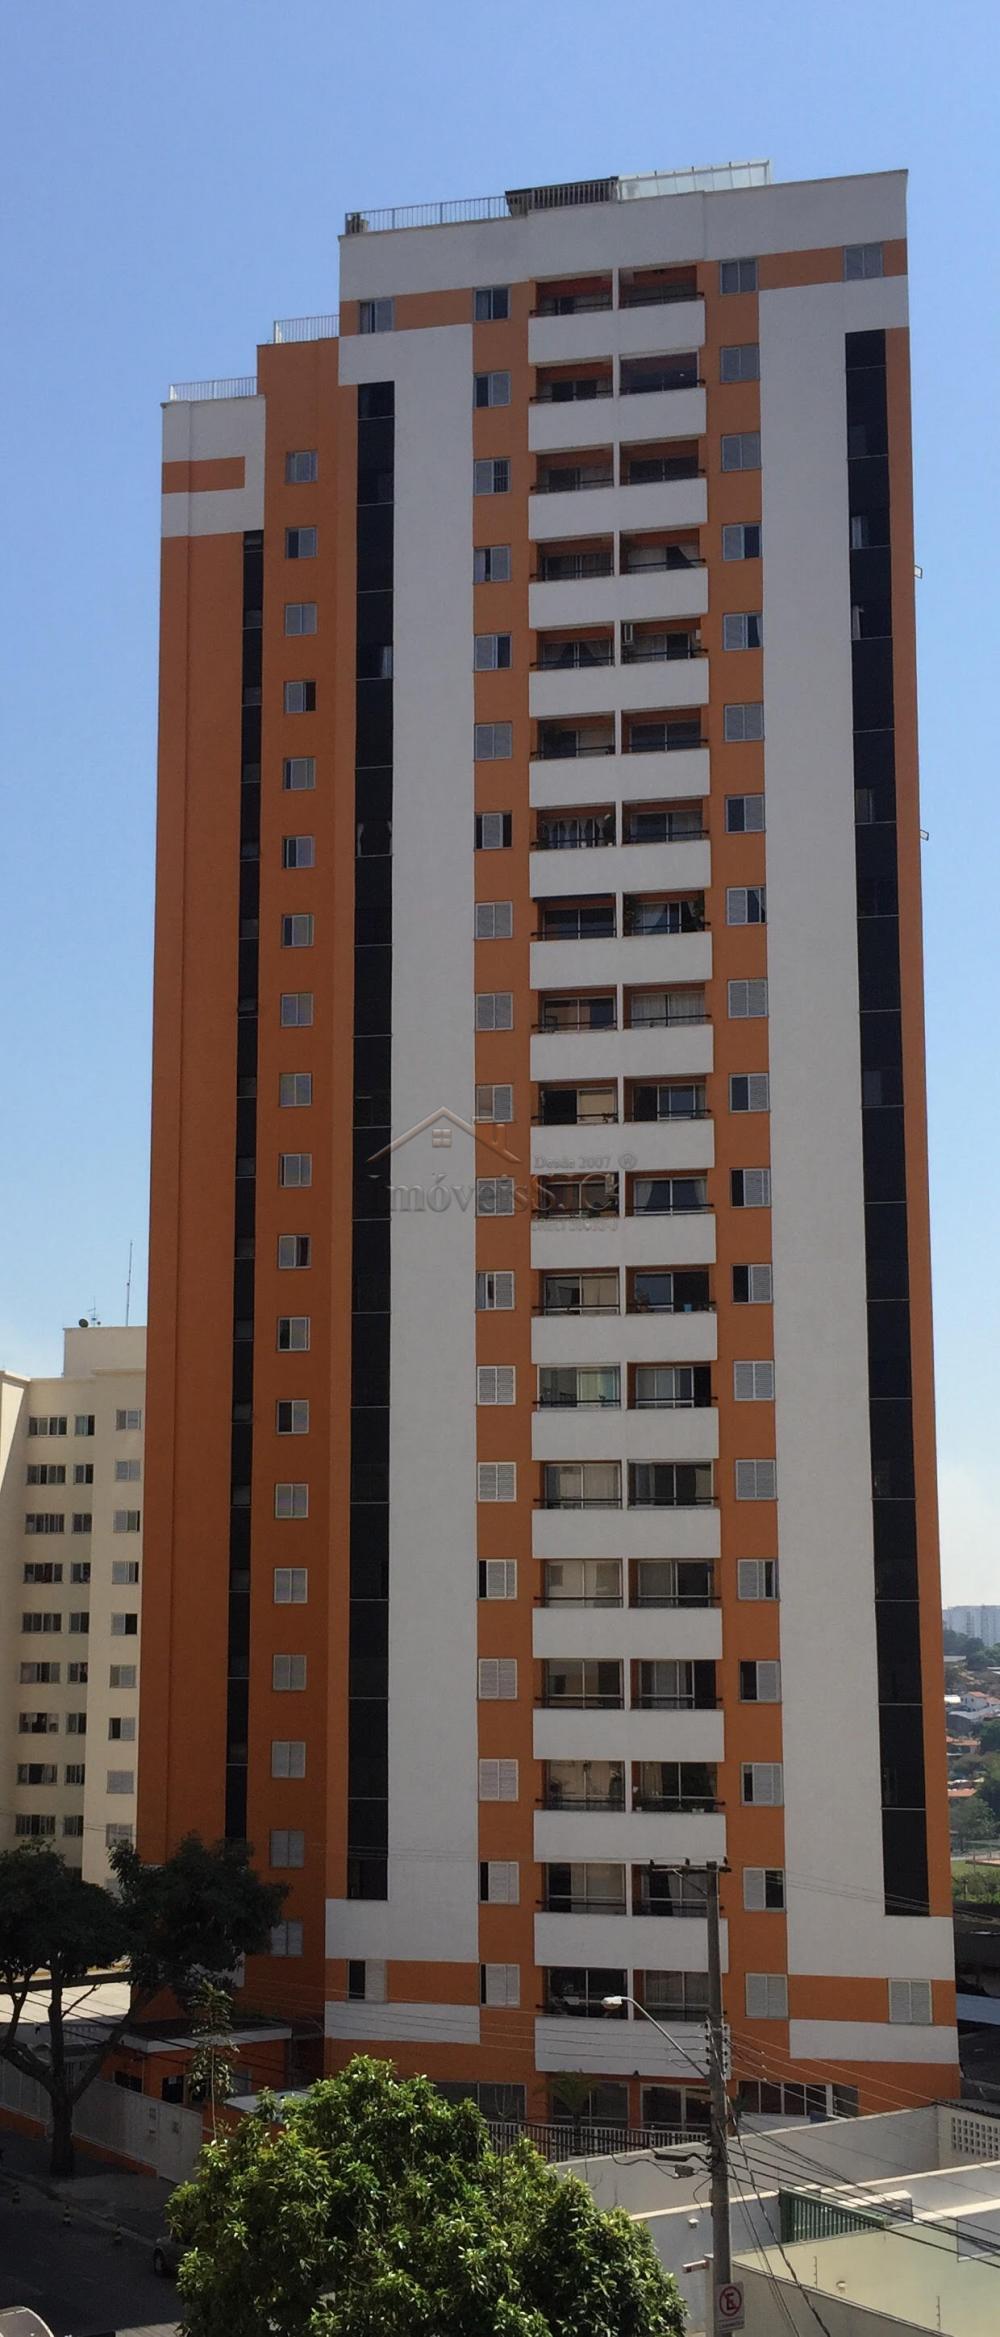 Sao Jose dos Campos Apartamento Venda R$360.000,00 Condominio R$417,00 3 Dormitorios 1 Suite Area construida 70.00m2